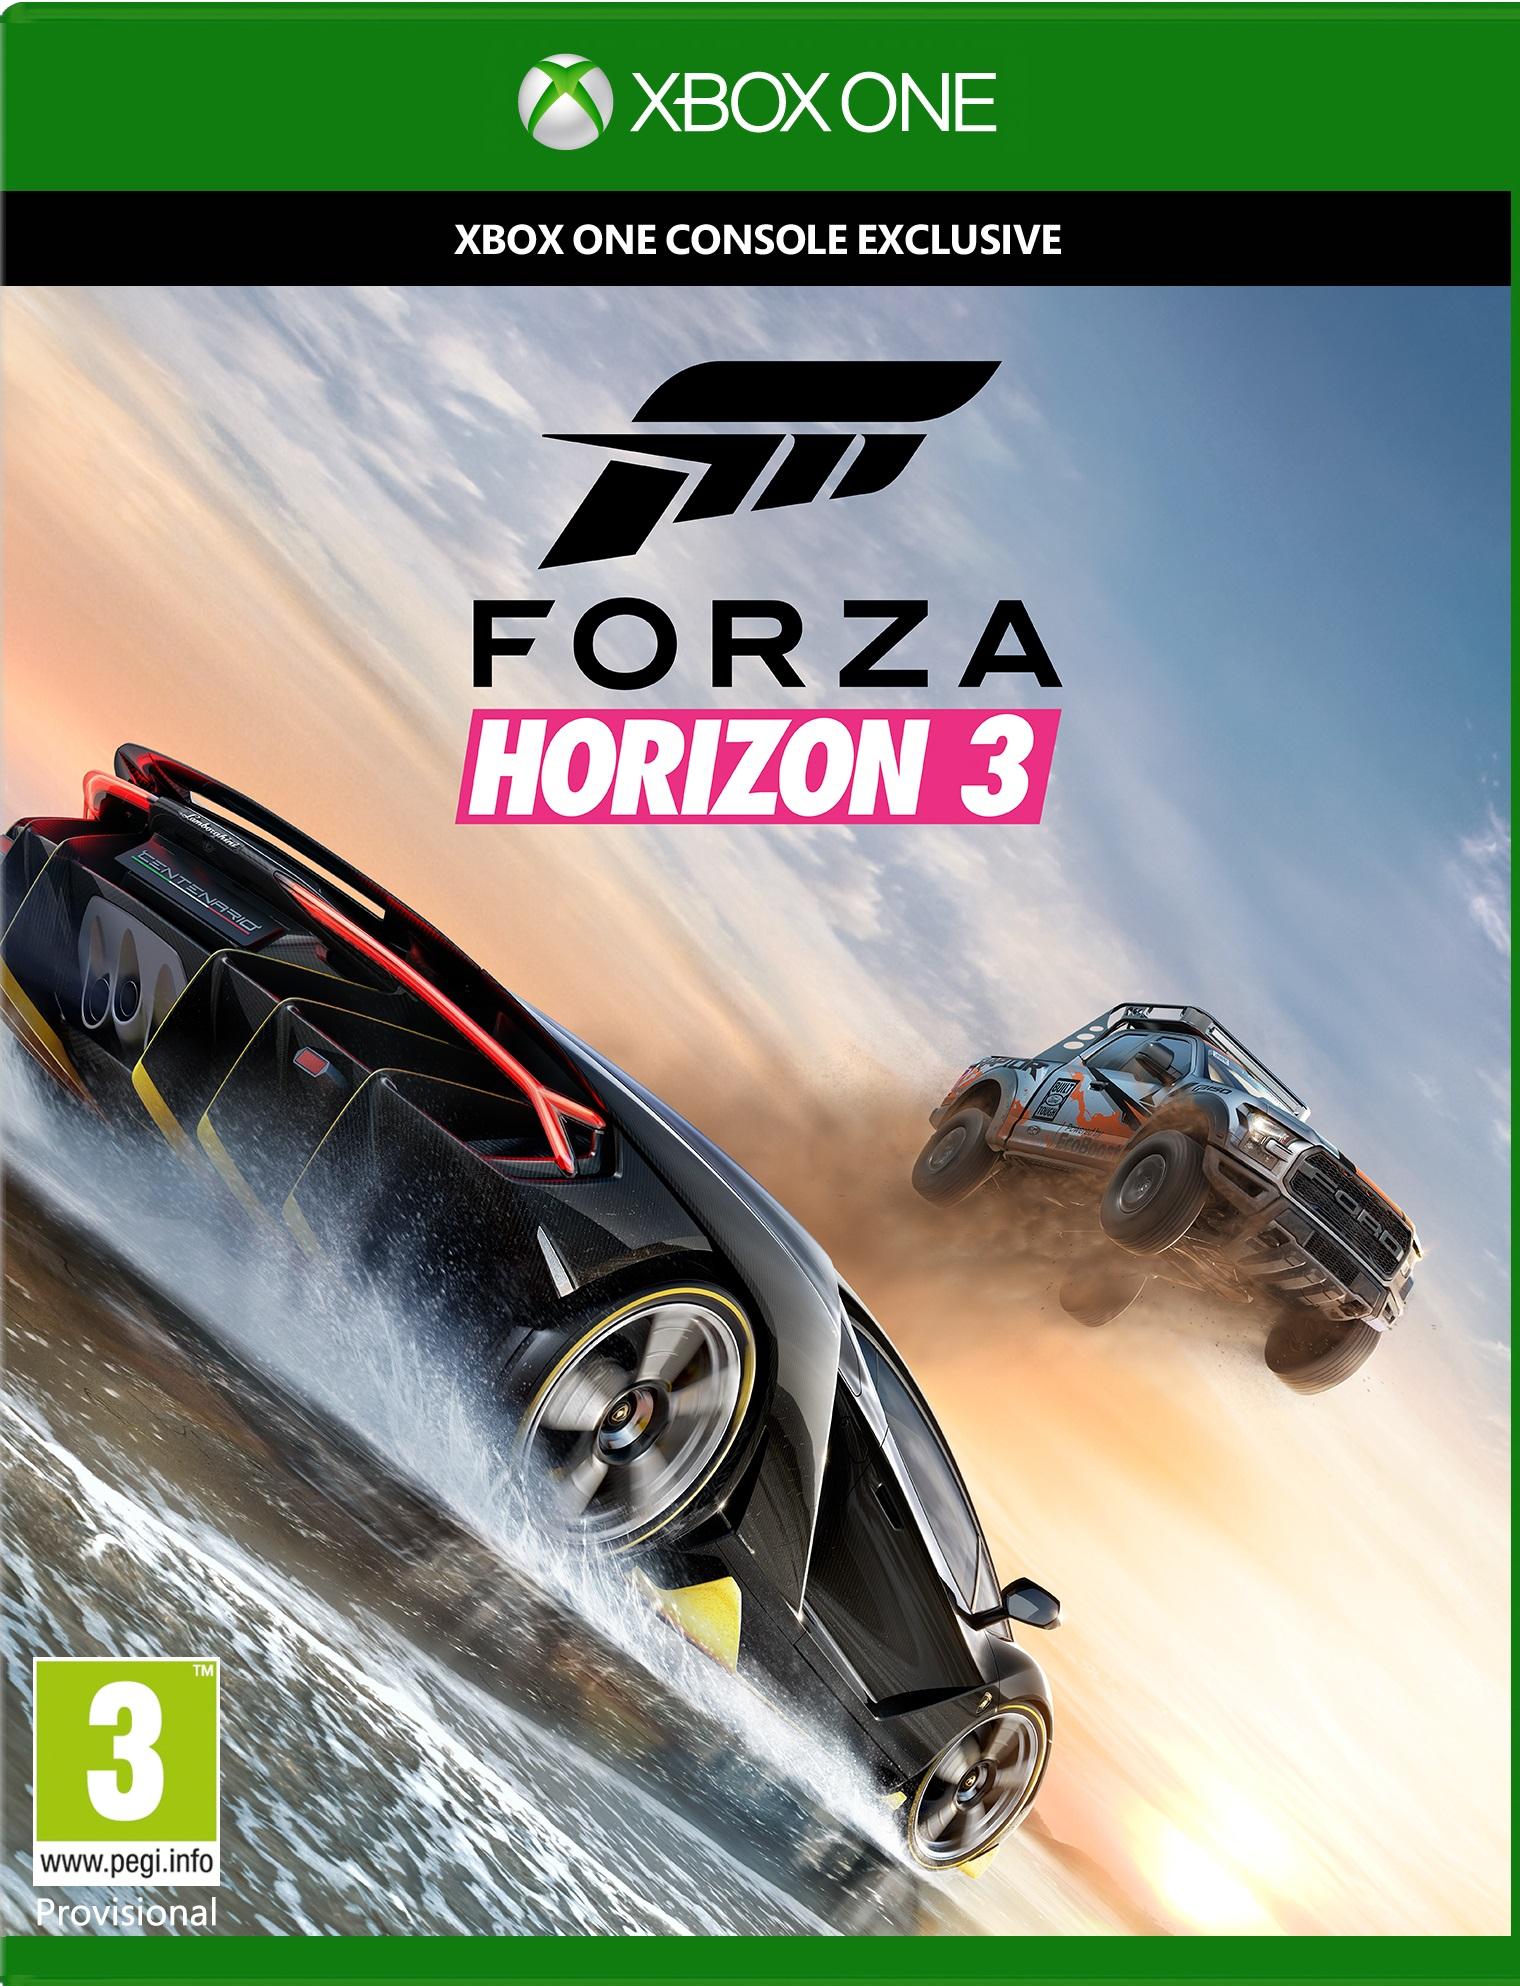 Forza Horizon 3 (Xbox One) für 19,99€ & Halo 5: Guardians (Xbox One) & Forza Horizon 2 für je 14,99€ (MS Store IT)